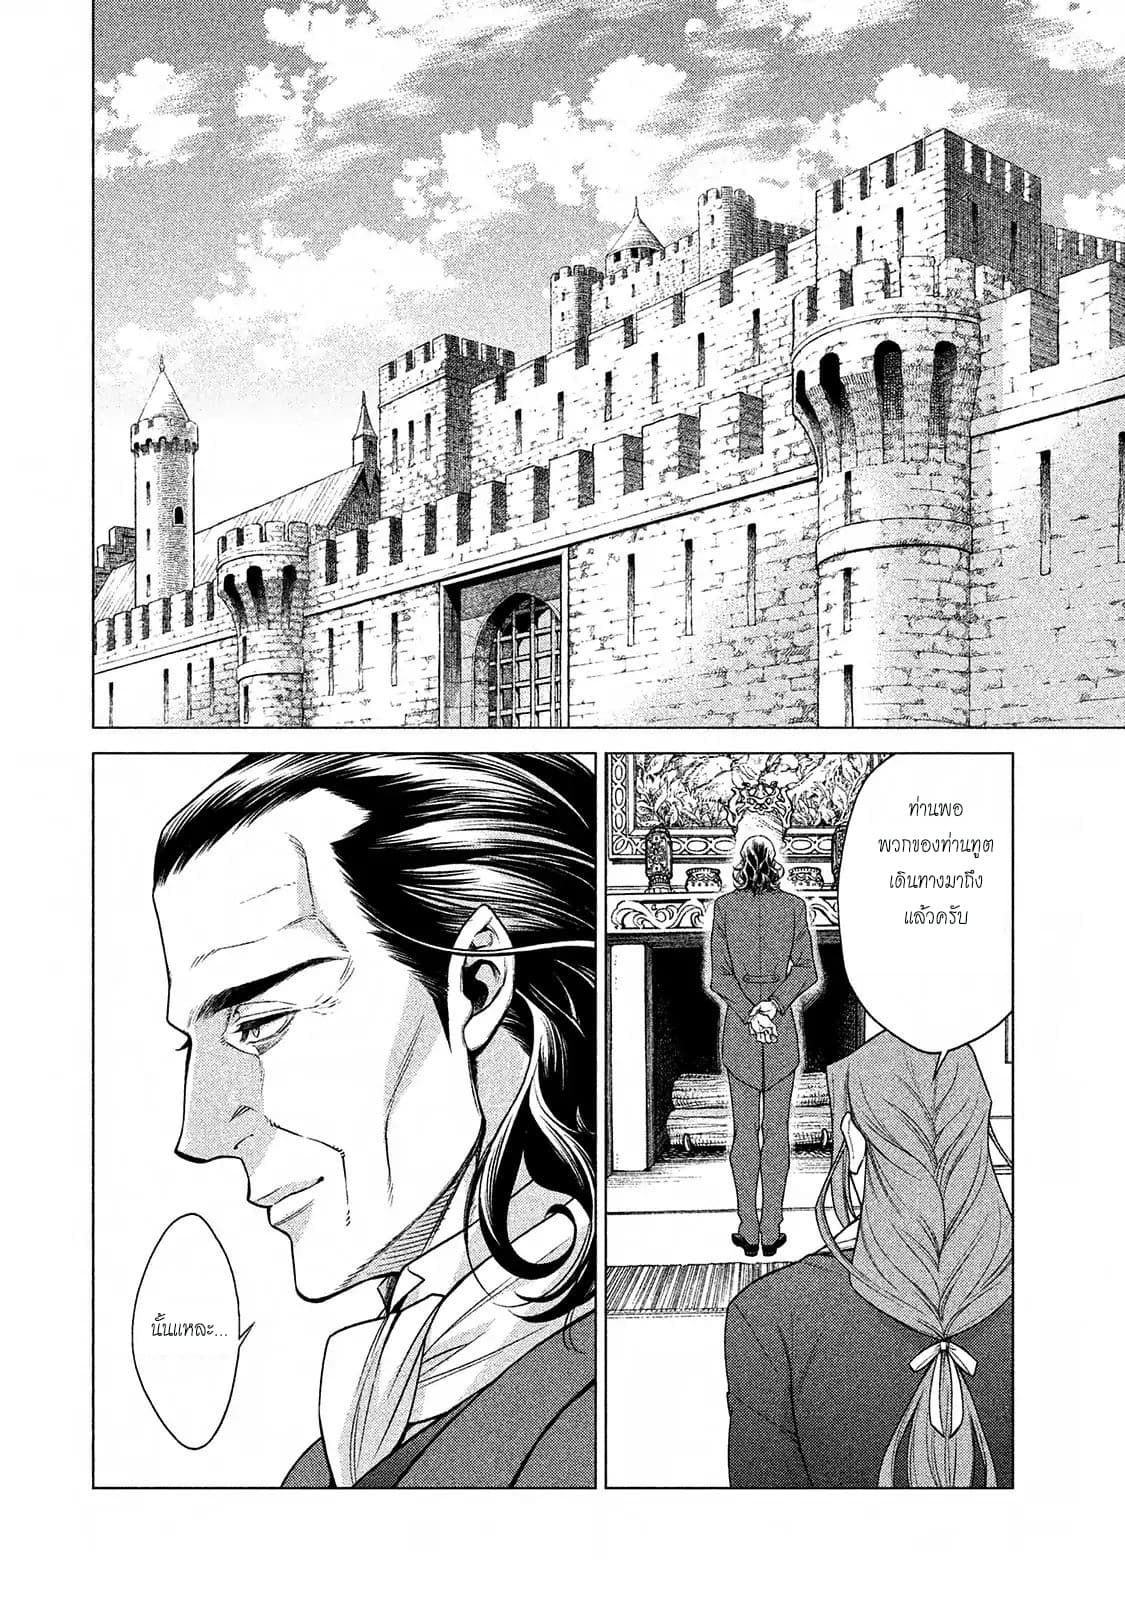 อ่านการ์ตูน Henkyou no Roukishi - Bard Loen ตอนที่ 11 หน้าที่ 24